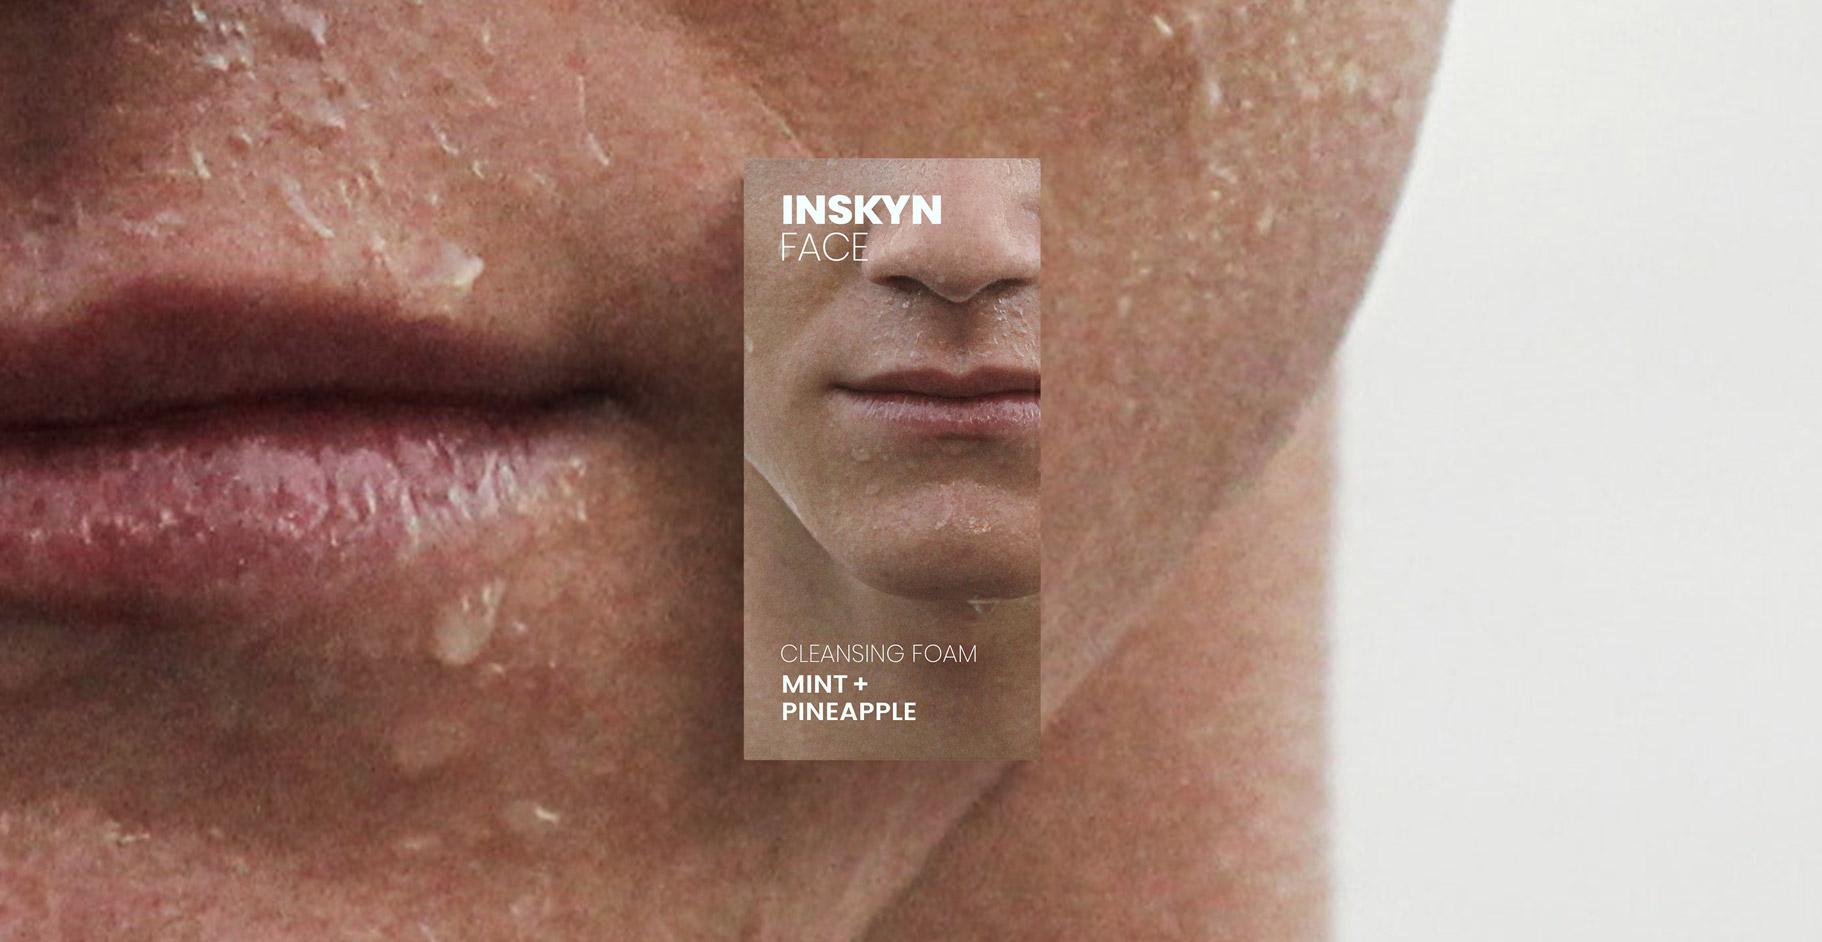 inskyn_skincare_packaging_byleconcepteur_